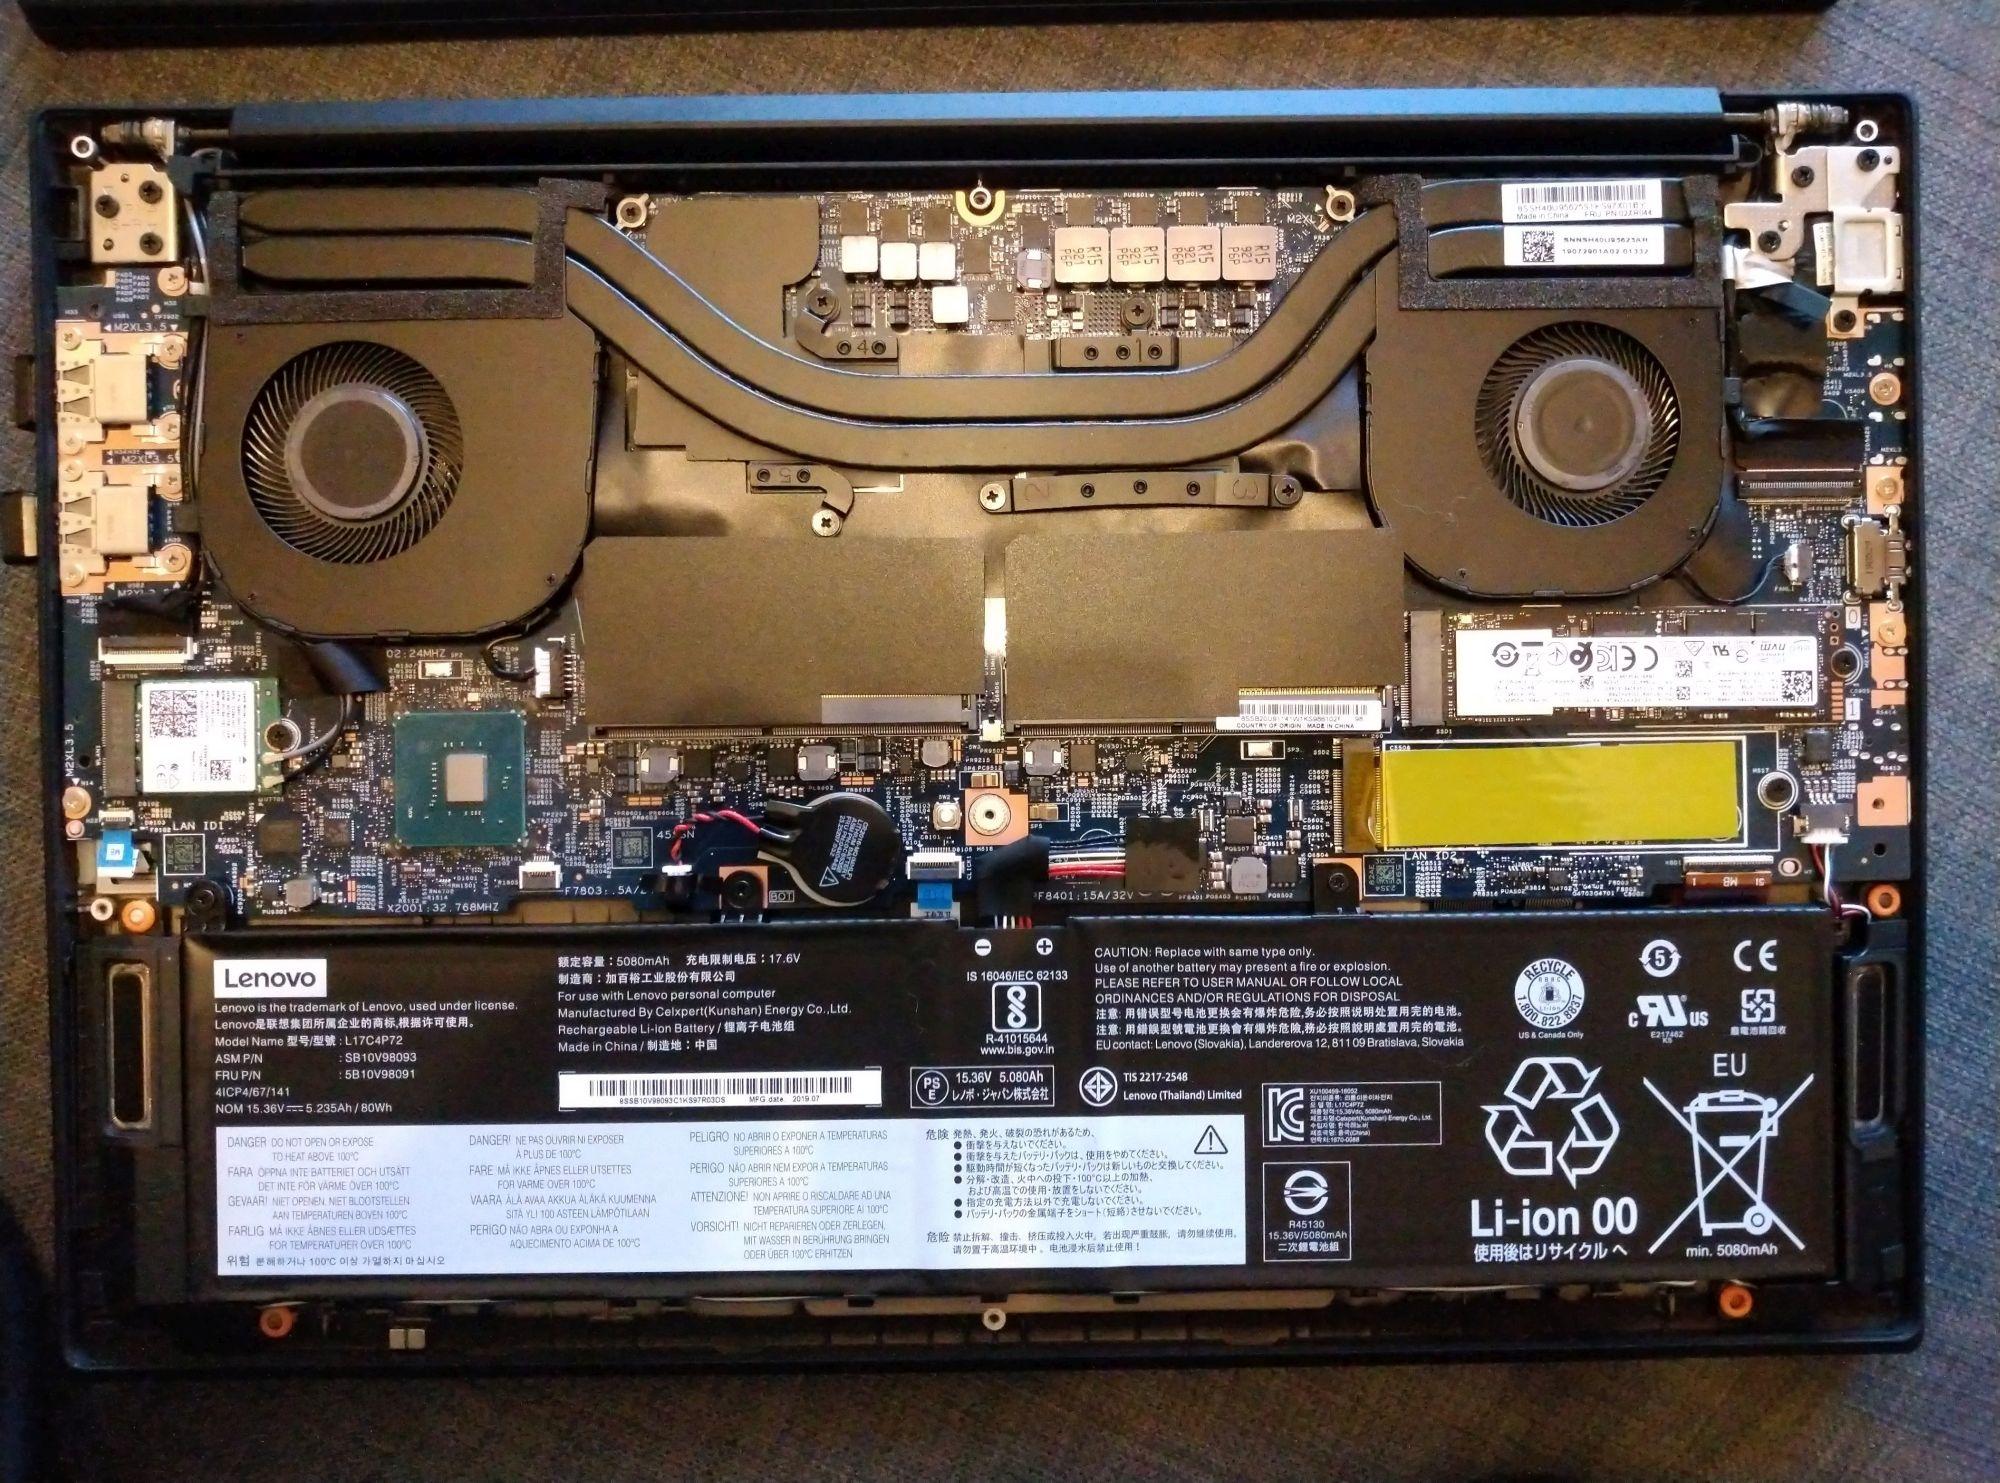 Lenovo ThinkPad X1 Extreme Gen 2 Review (i7-9750H, Nvidia